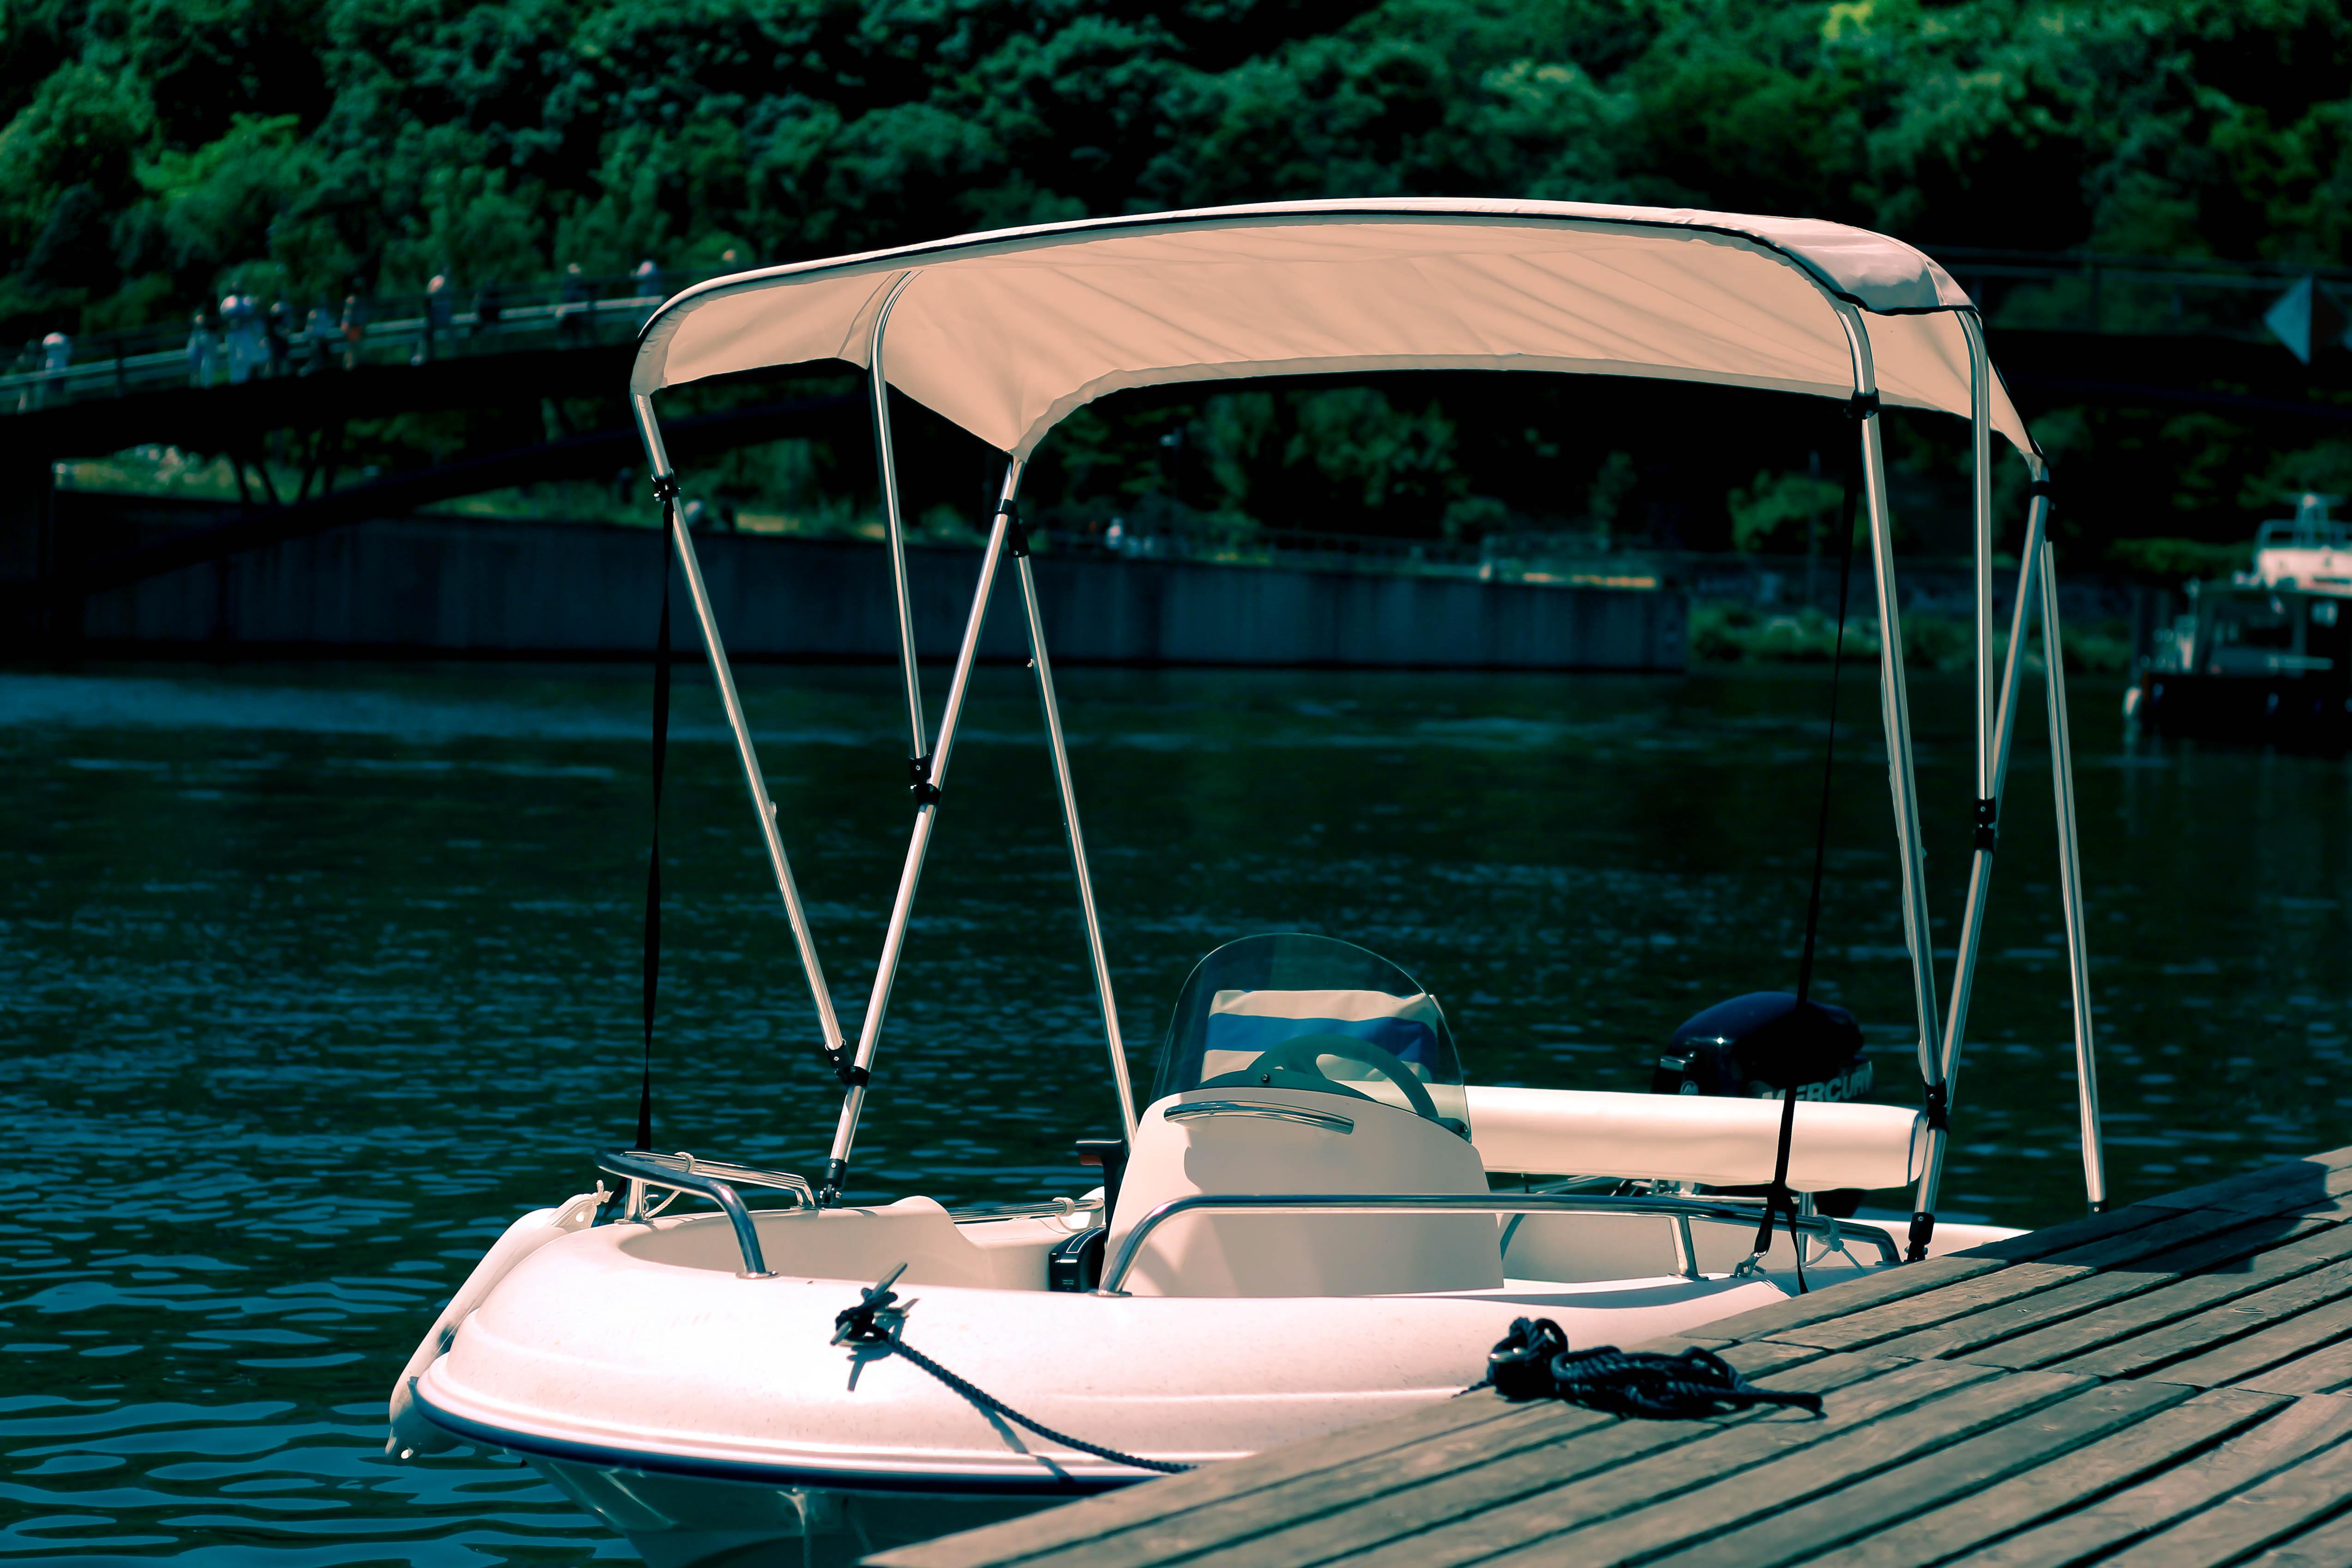 bateau fluvial saone